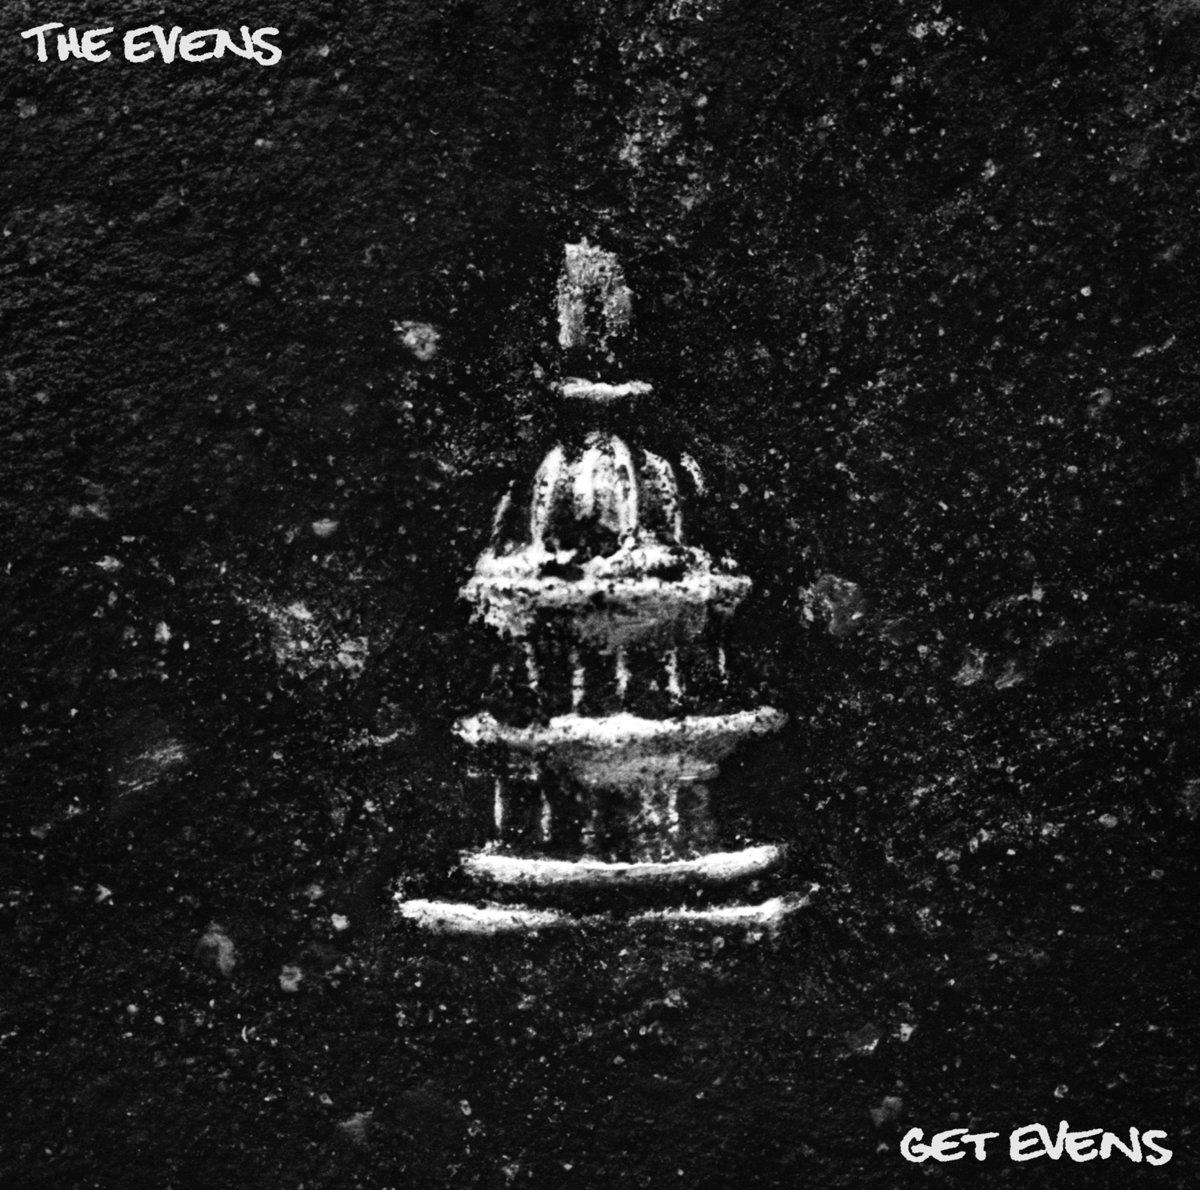 The Evens - Get Evens LP